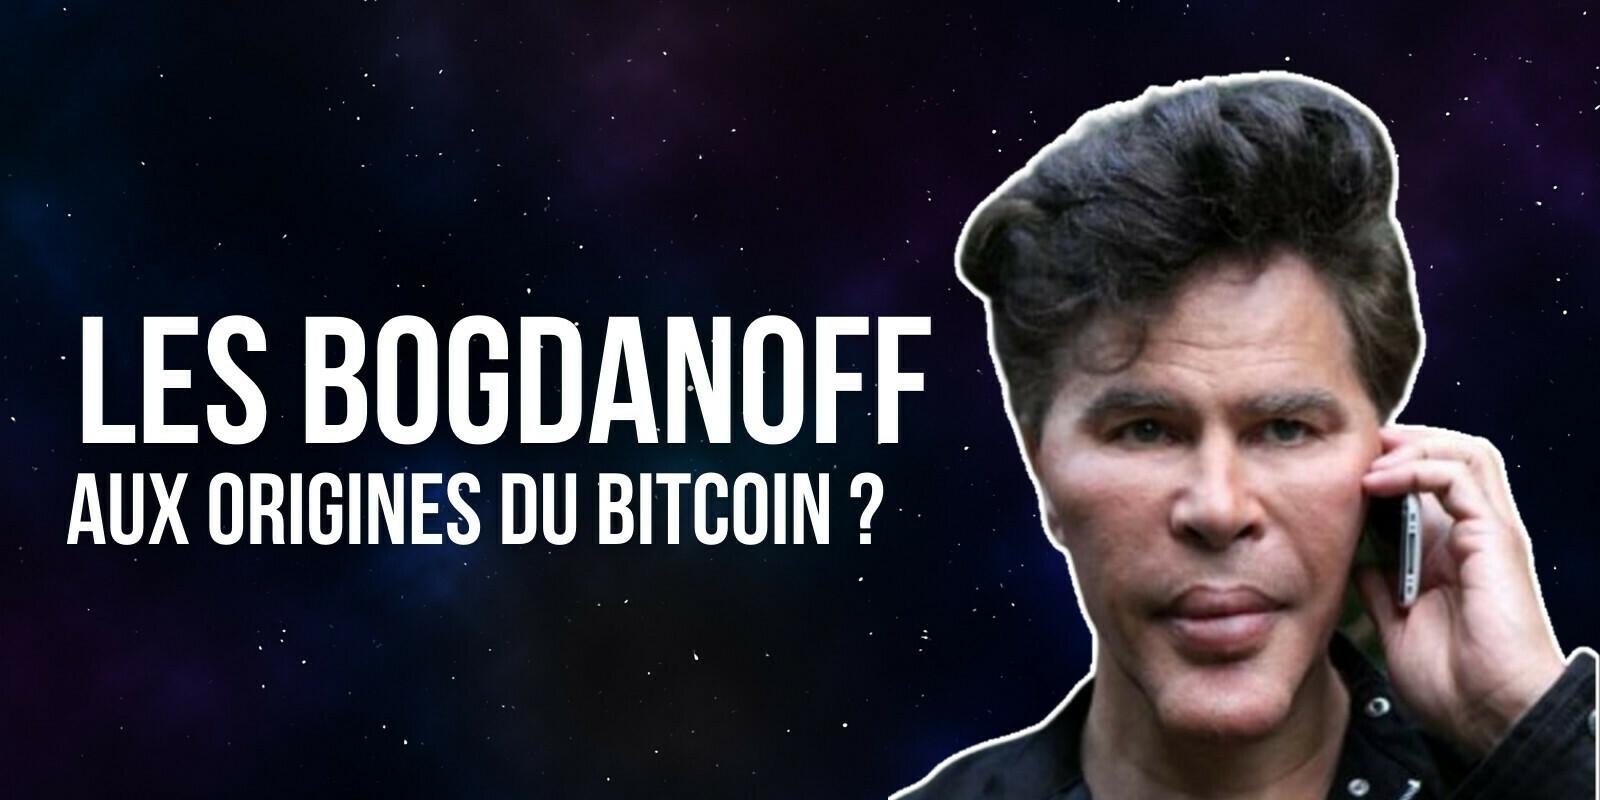 Les frères Bogdanoff affirment avoir participé à la création de Bitcoin (BTC) avec Satoshi Nakamoto